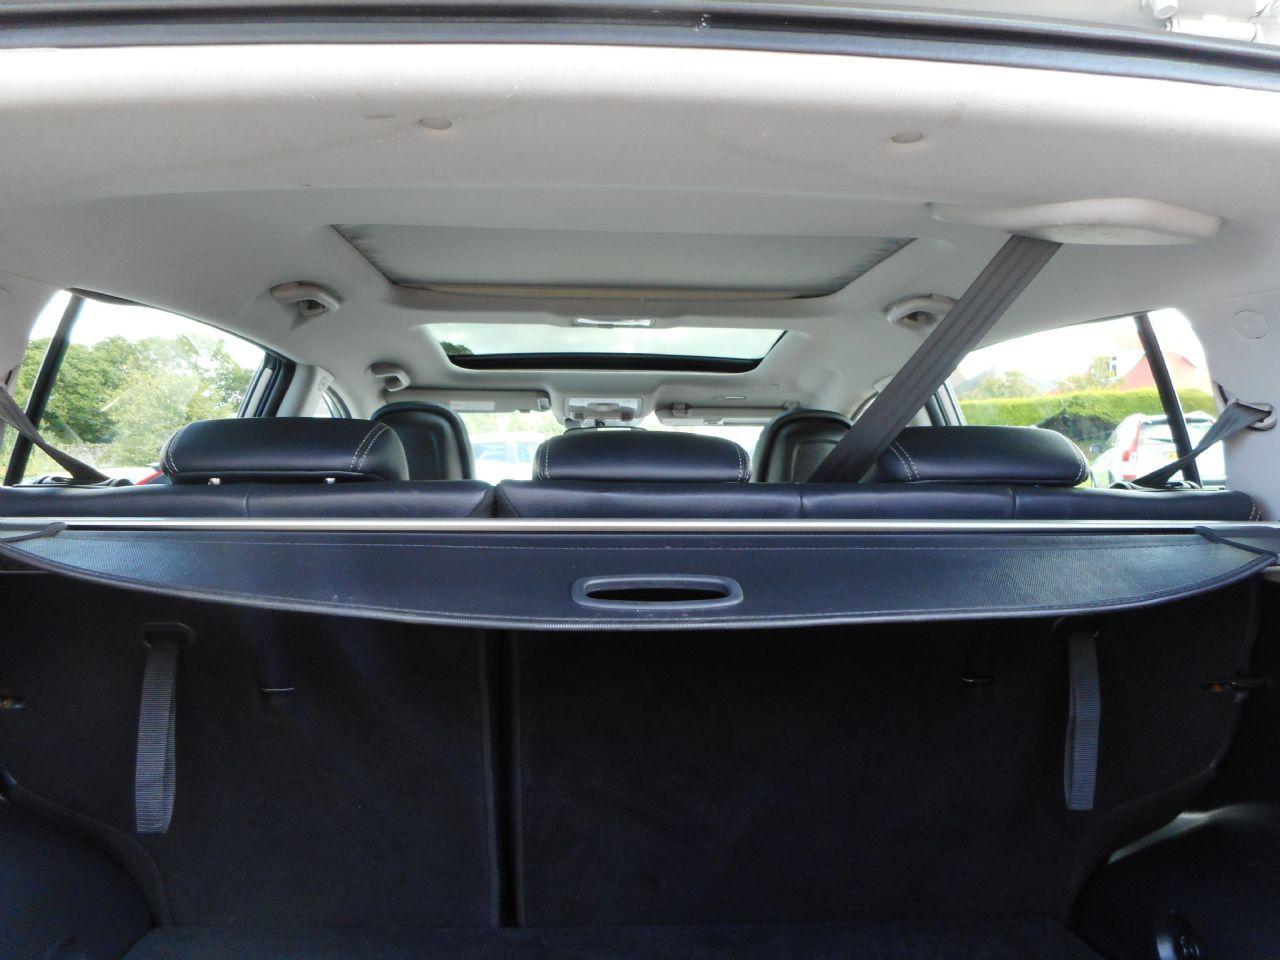 KIA Sportage 1.7 CRDi 2 2WD (2012) - Picture 14